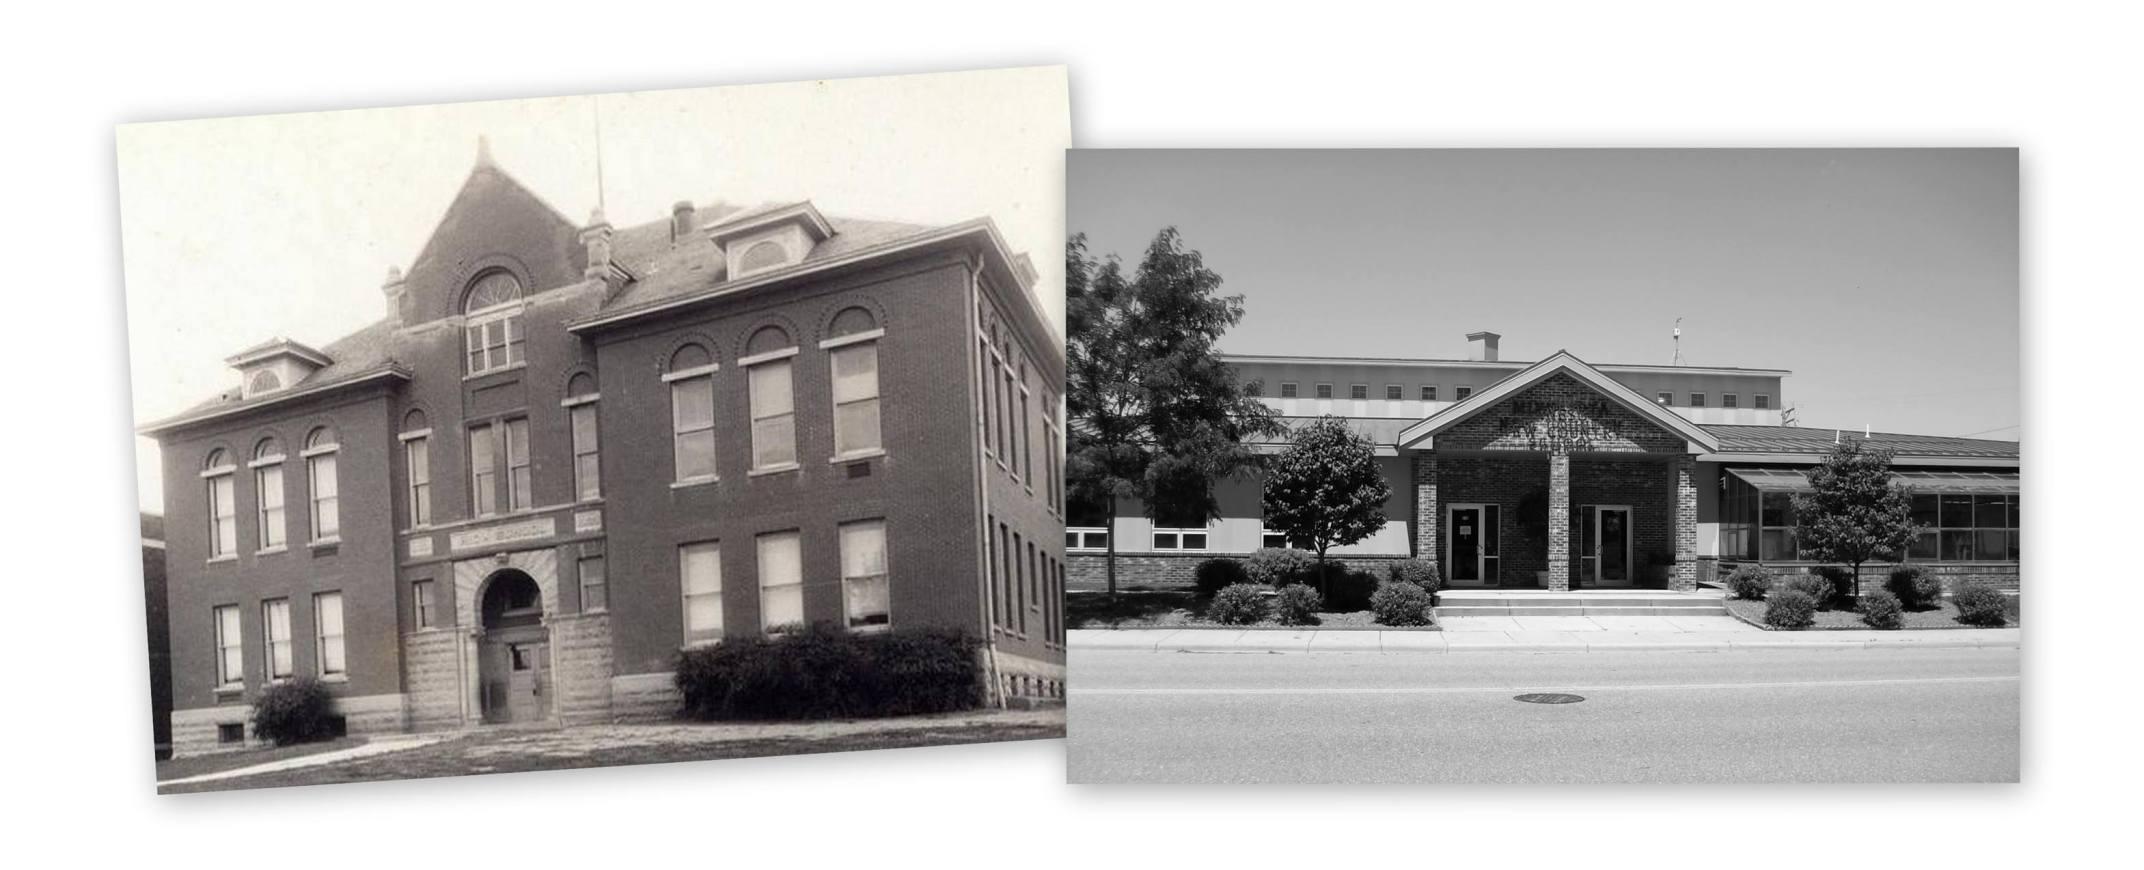 Both Schools